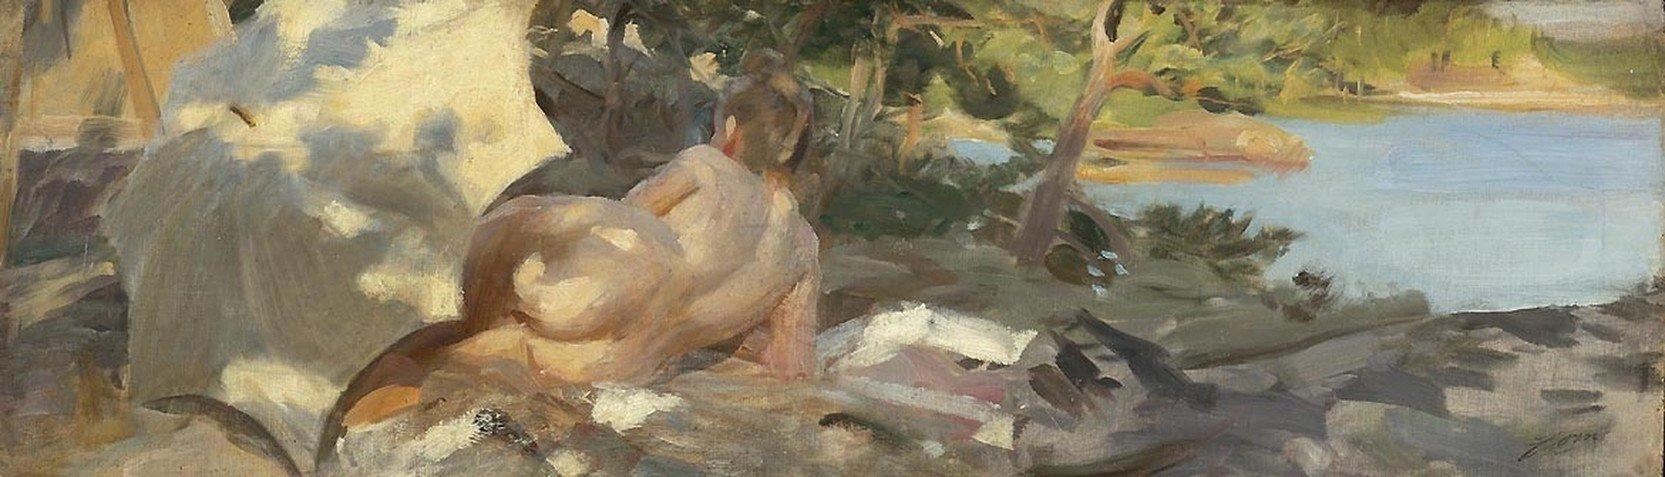 Artistas - Anders Zorn